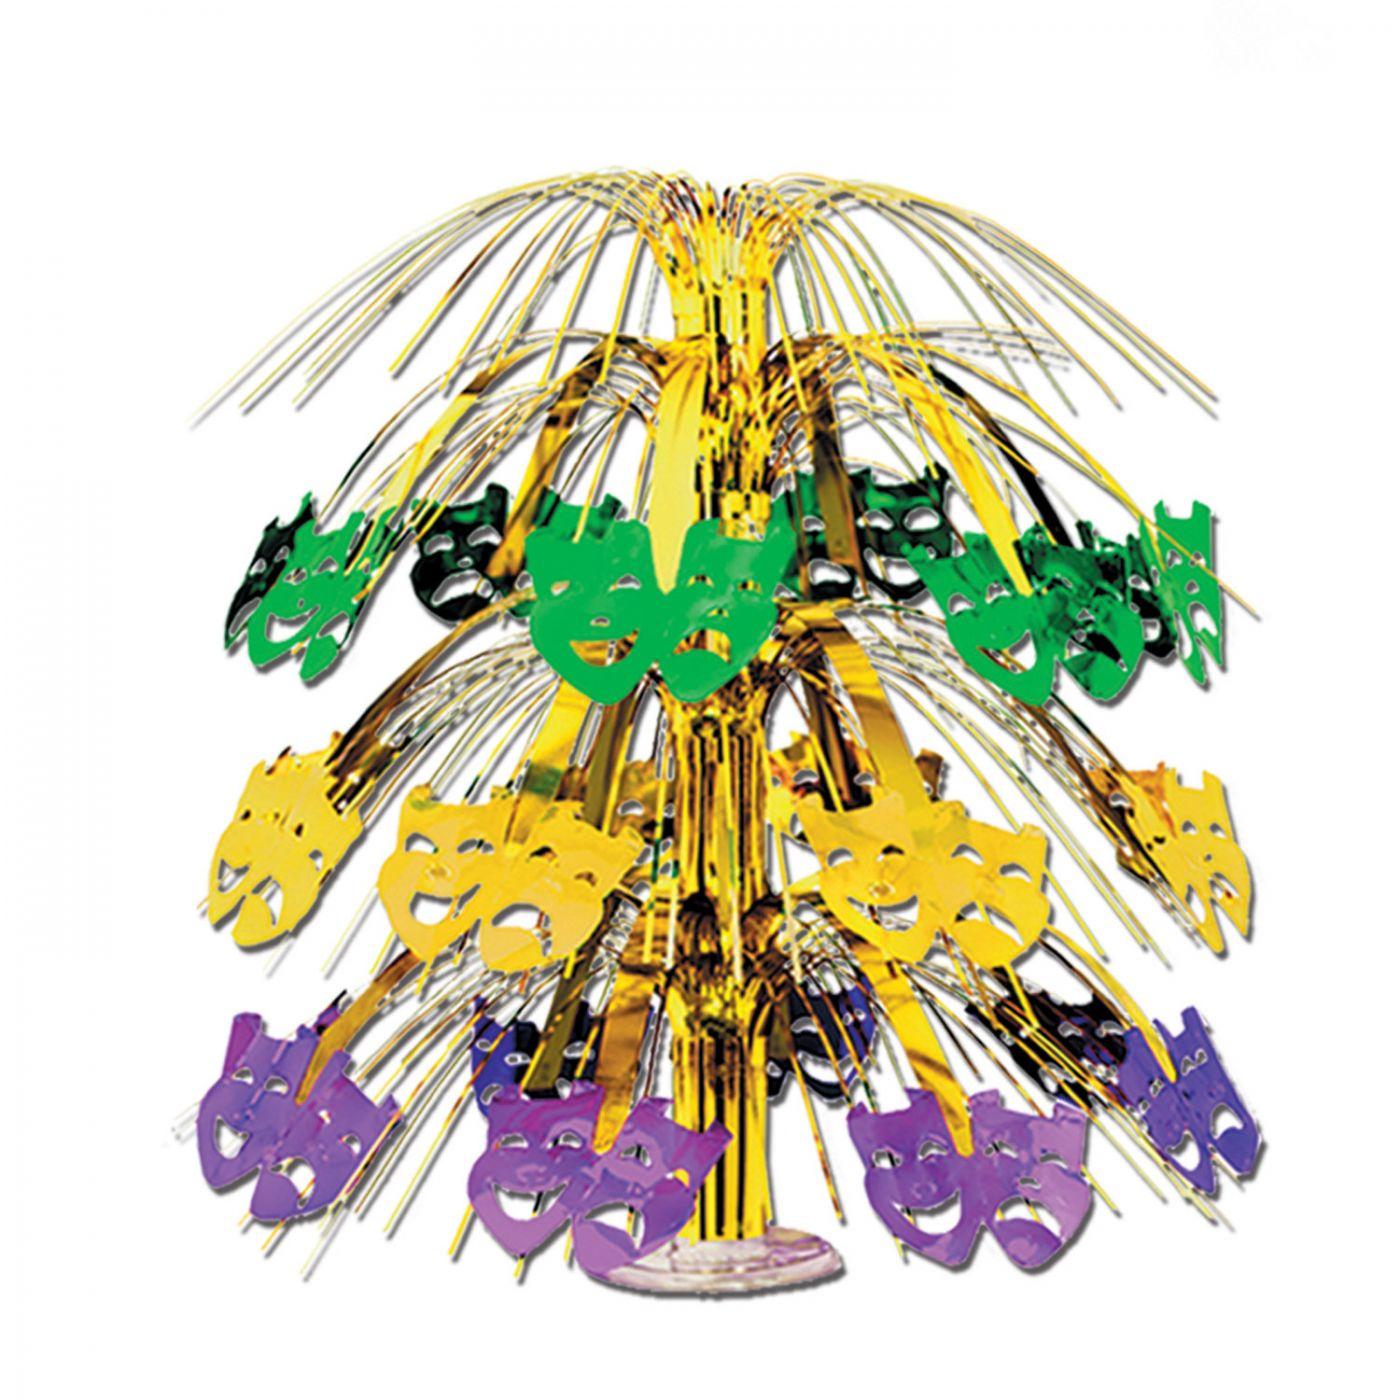 Mardi Gras Cascade Centerpiece (6) image